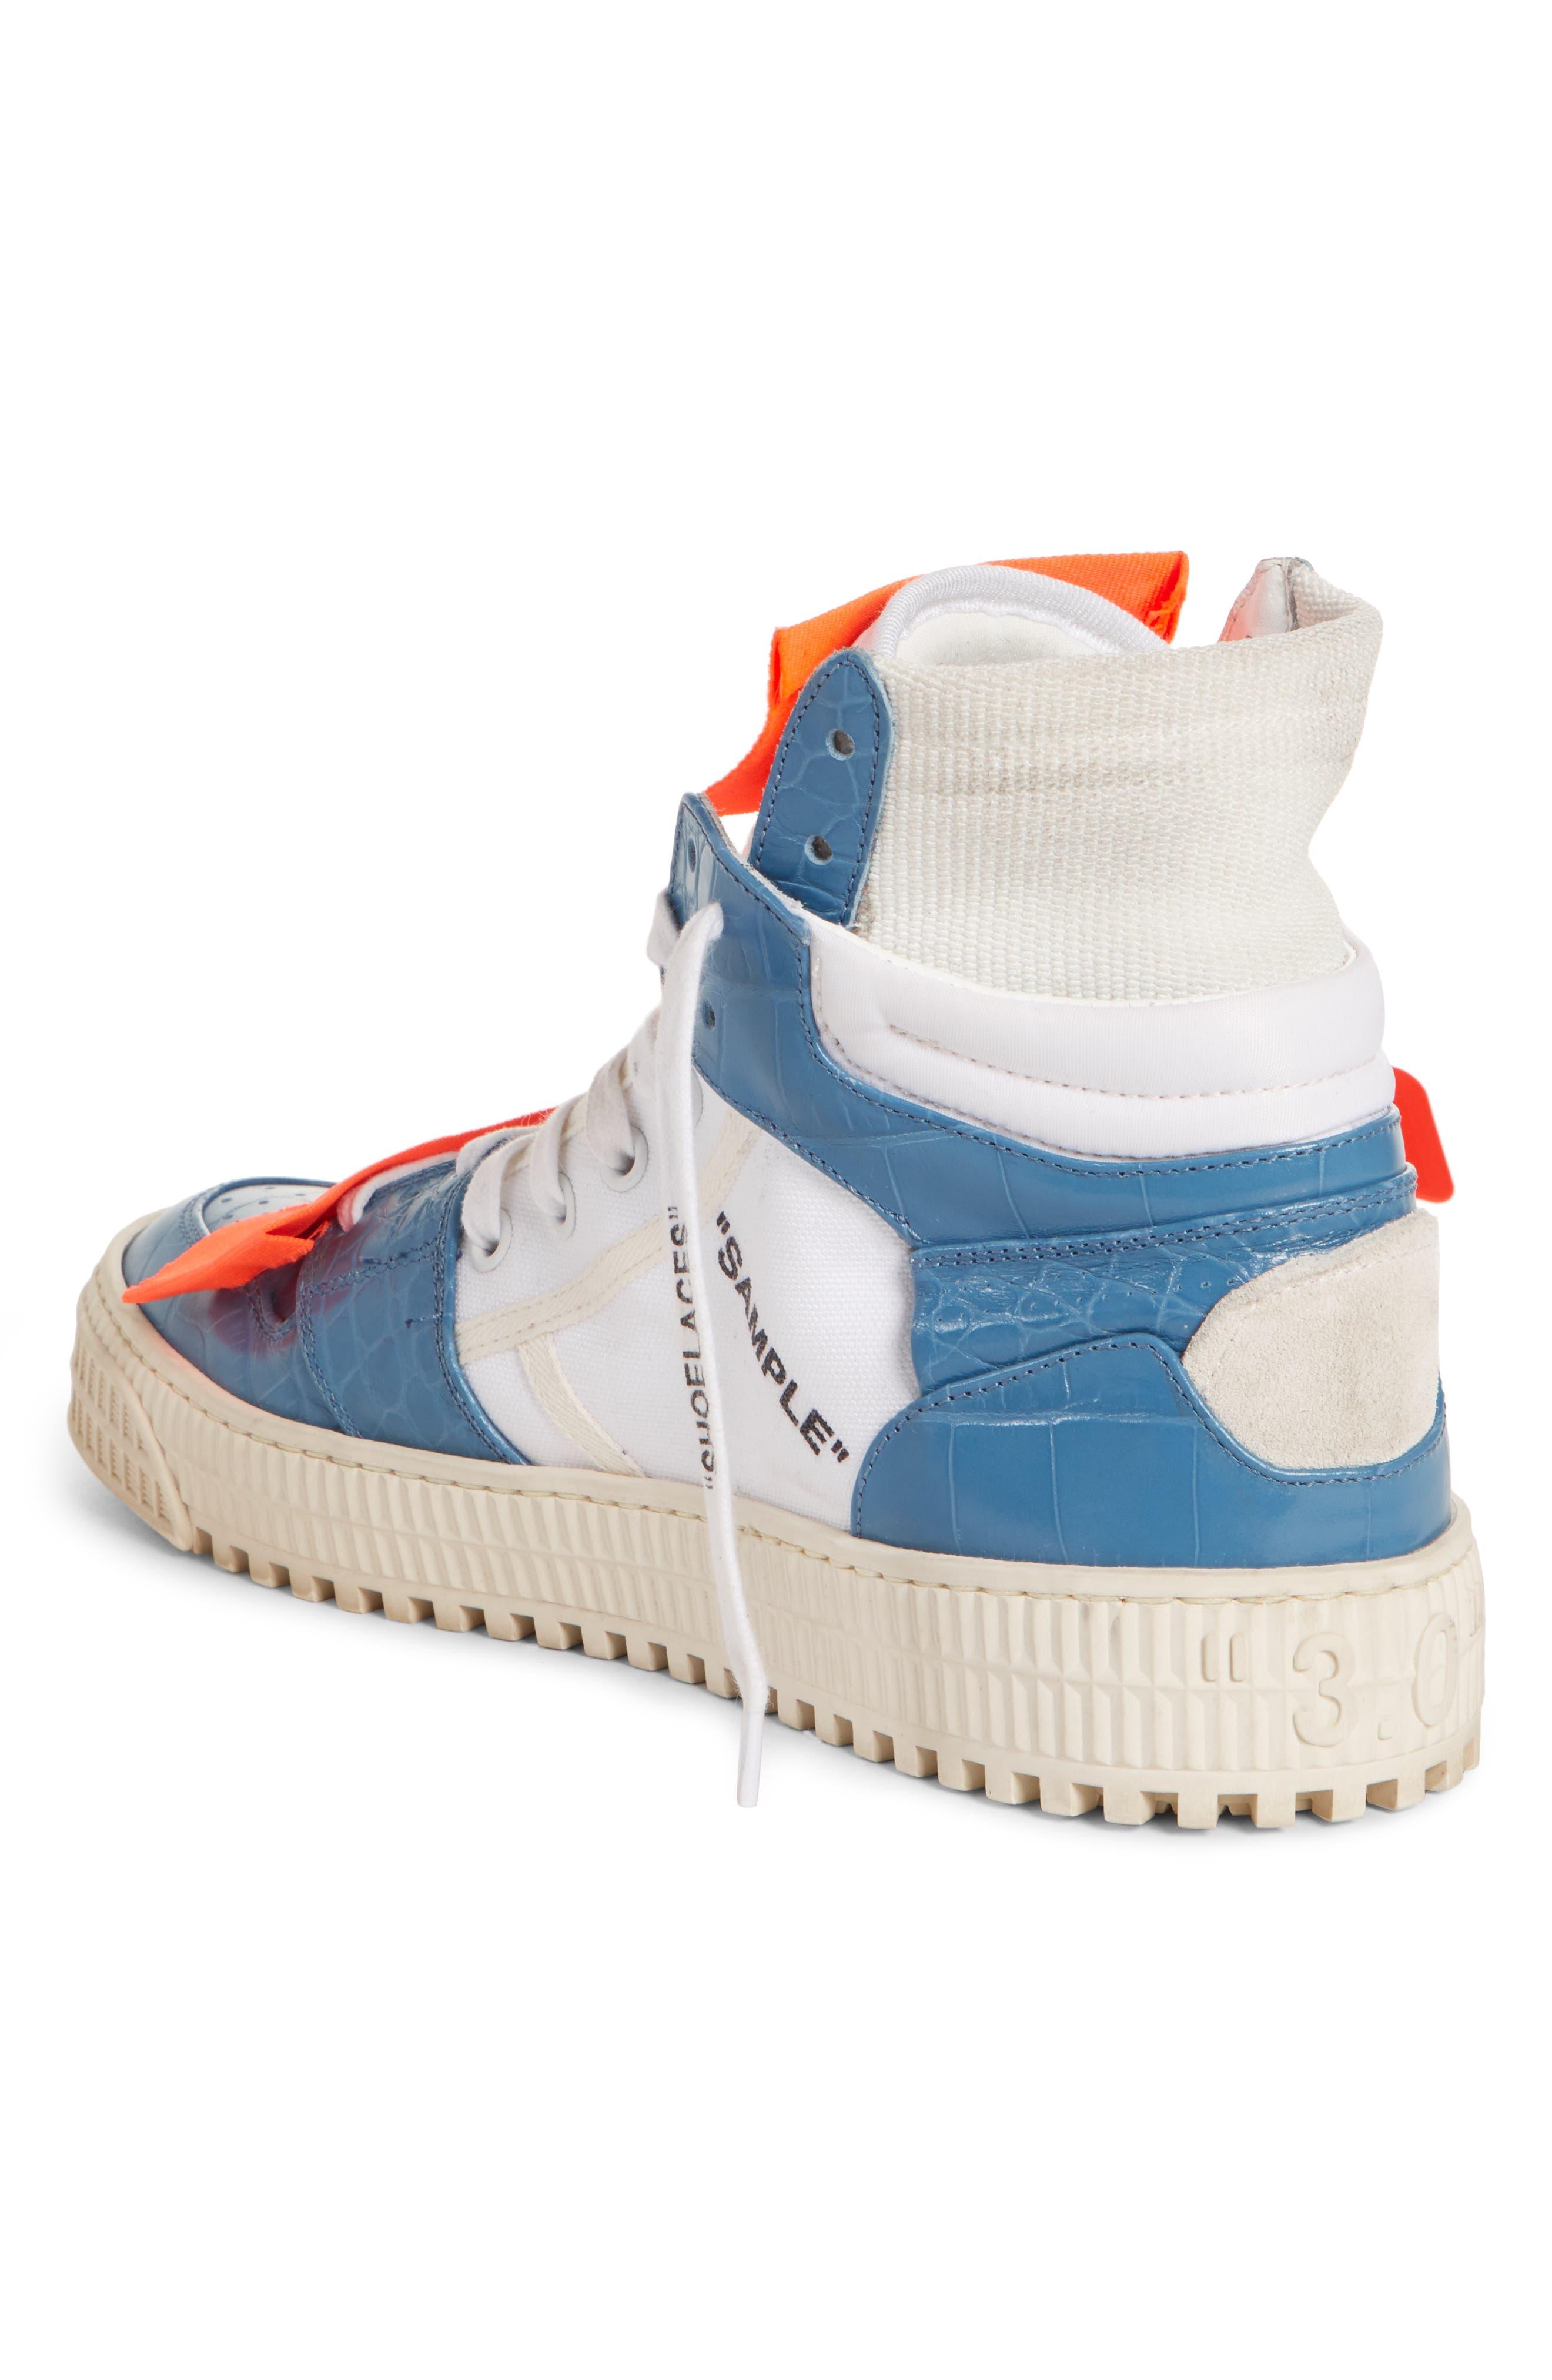 Low 3.0 Sneaker,                             Alternate thumbnail 2, color,                             BLUE NO COLOR